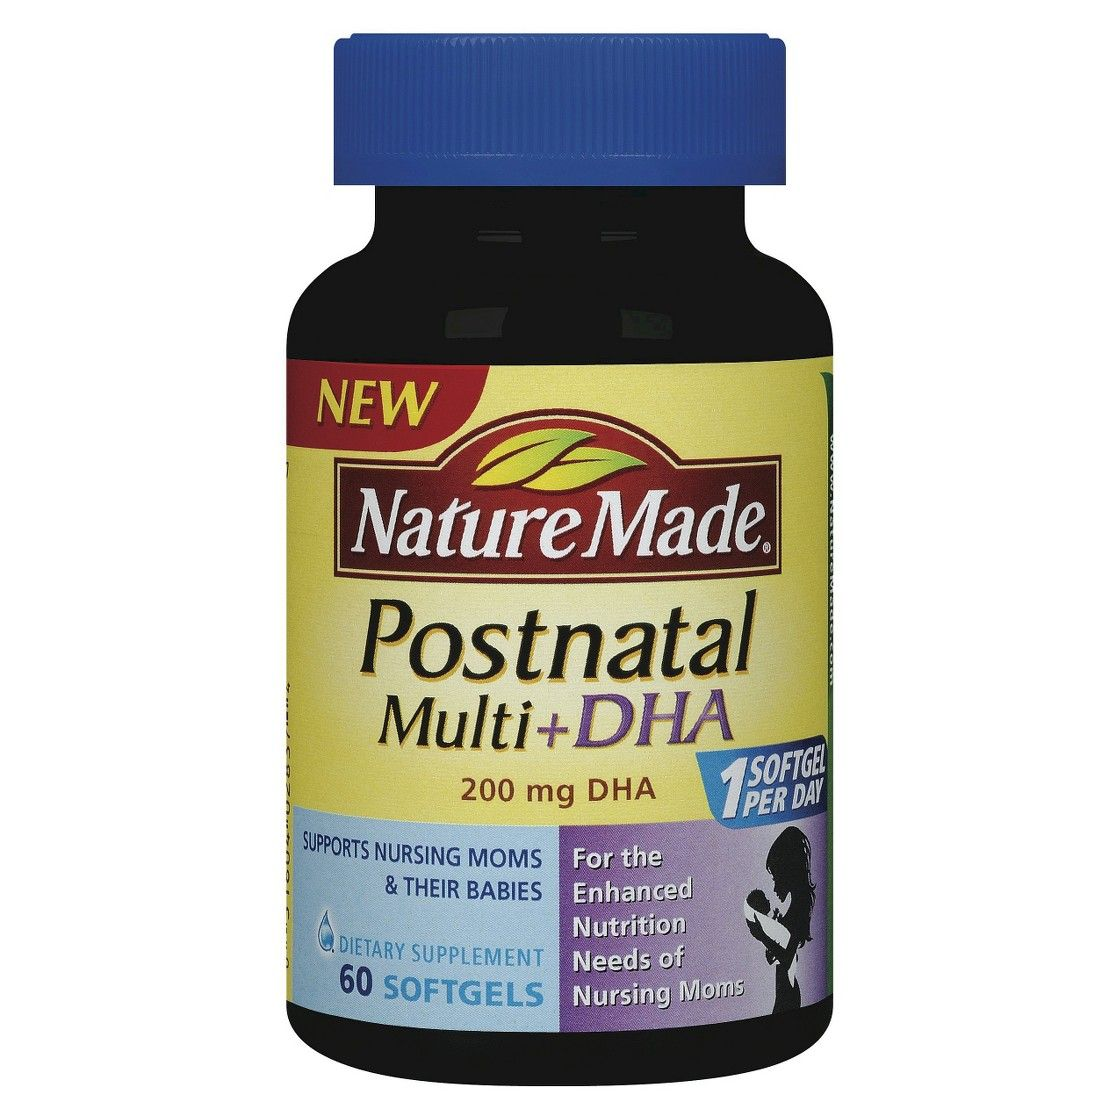 Nature made postnatal dha softgels 60ct postnatal